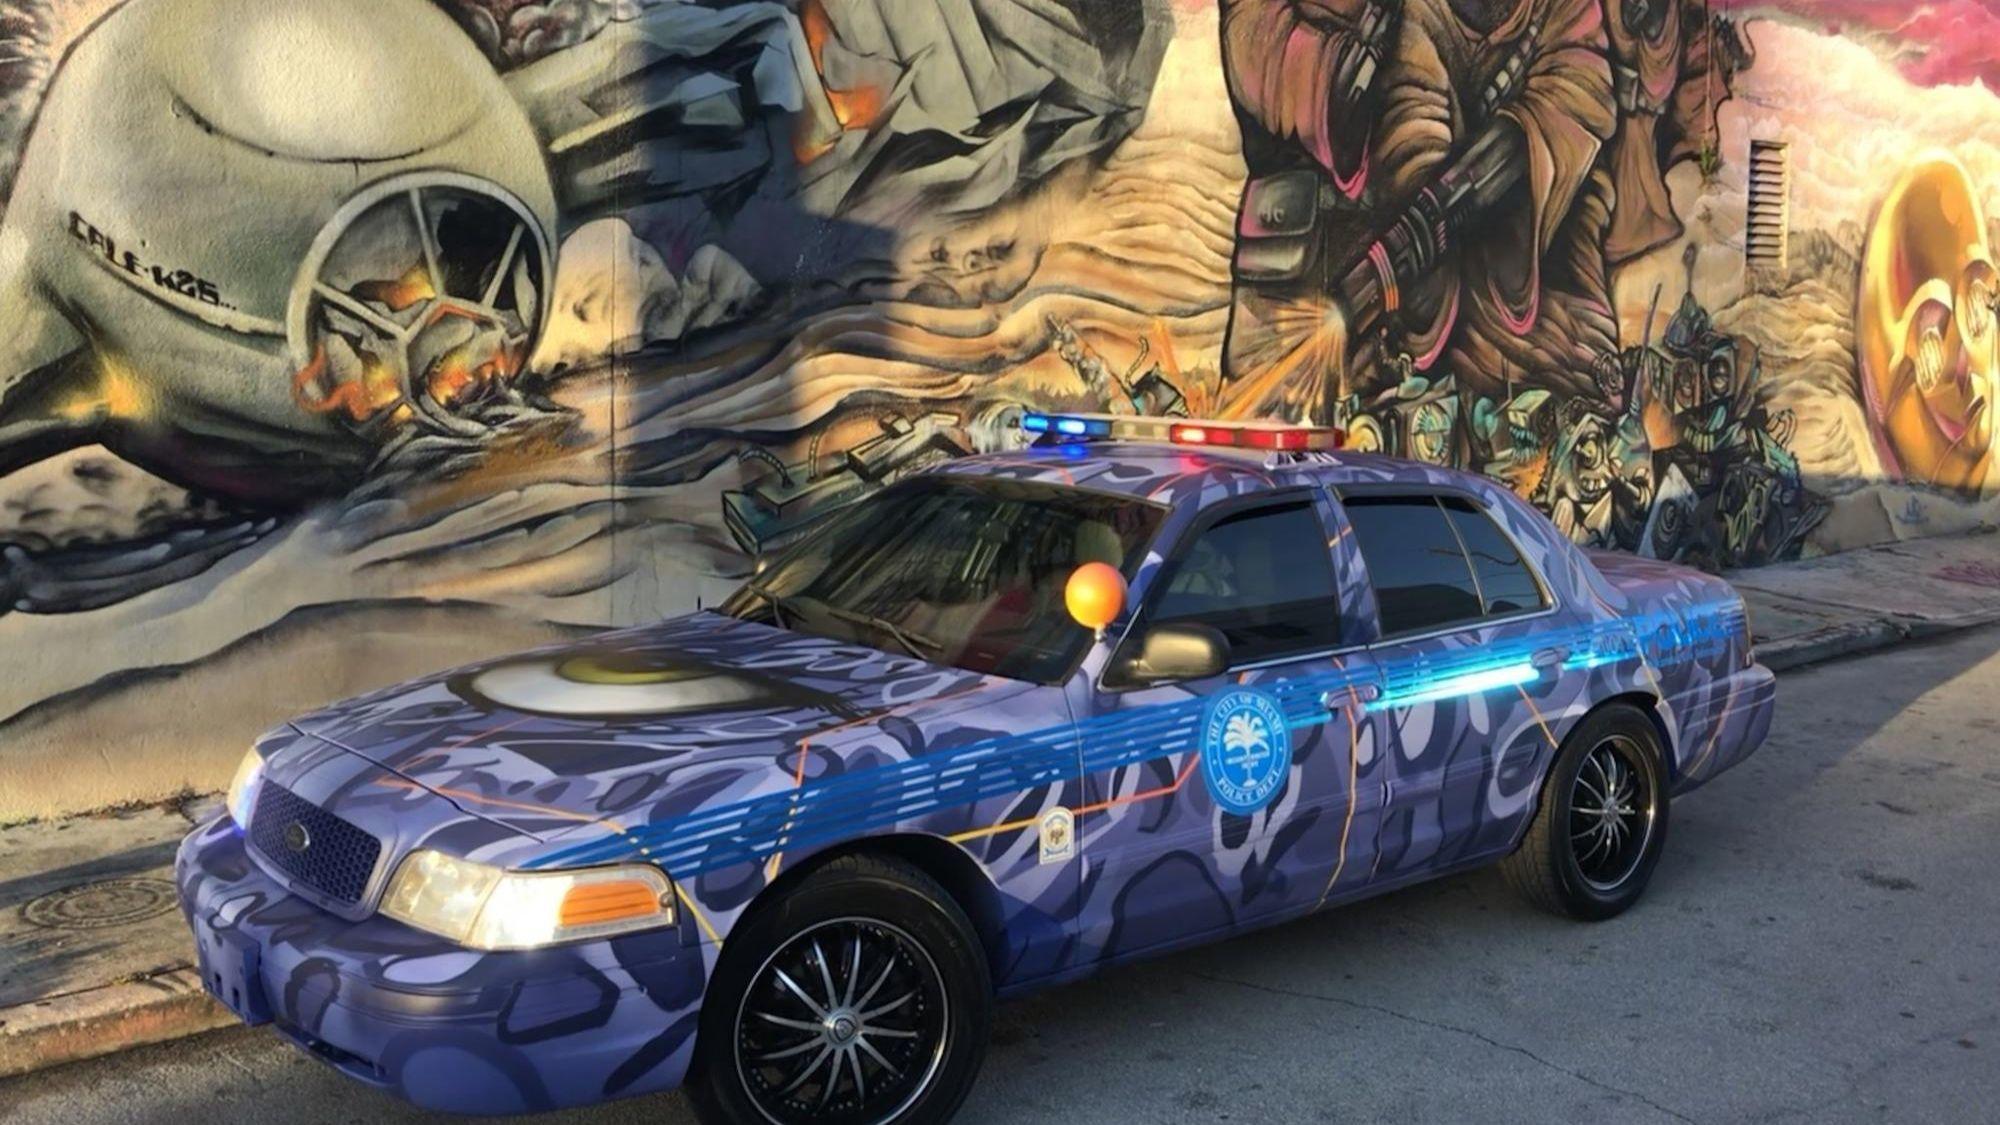 Graffiti Artist Gives Miami Police Car A Hip Wynwood